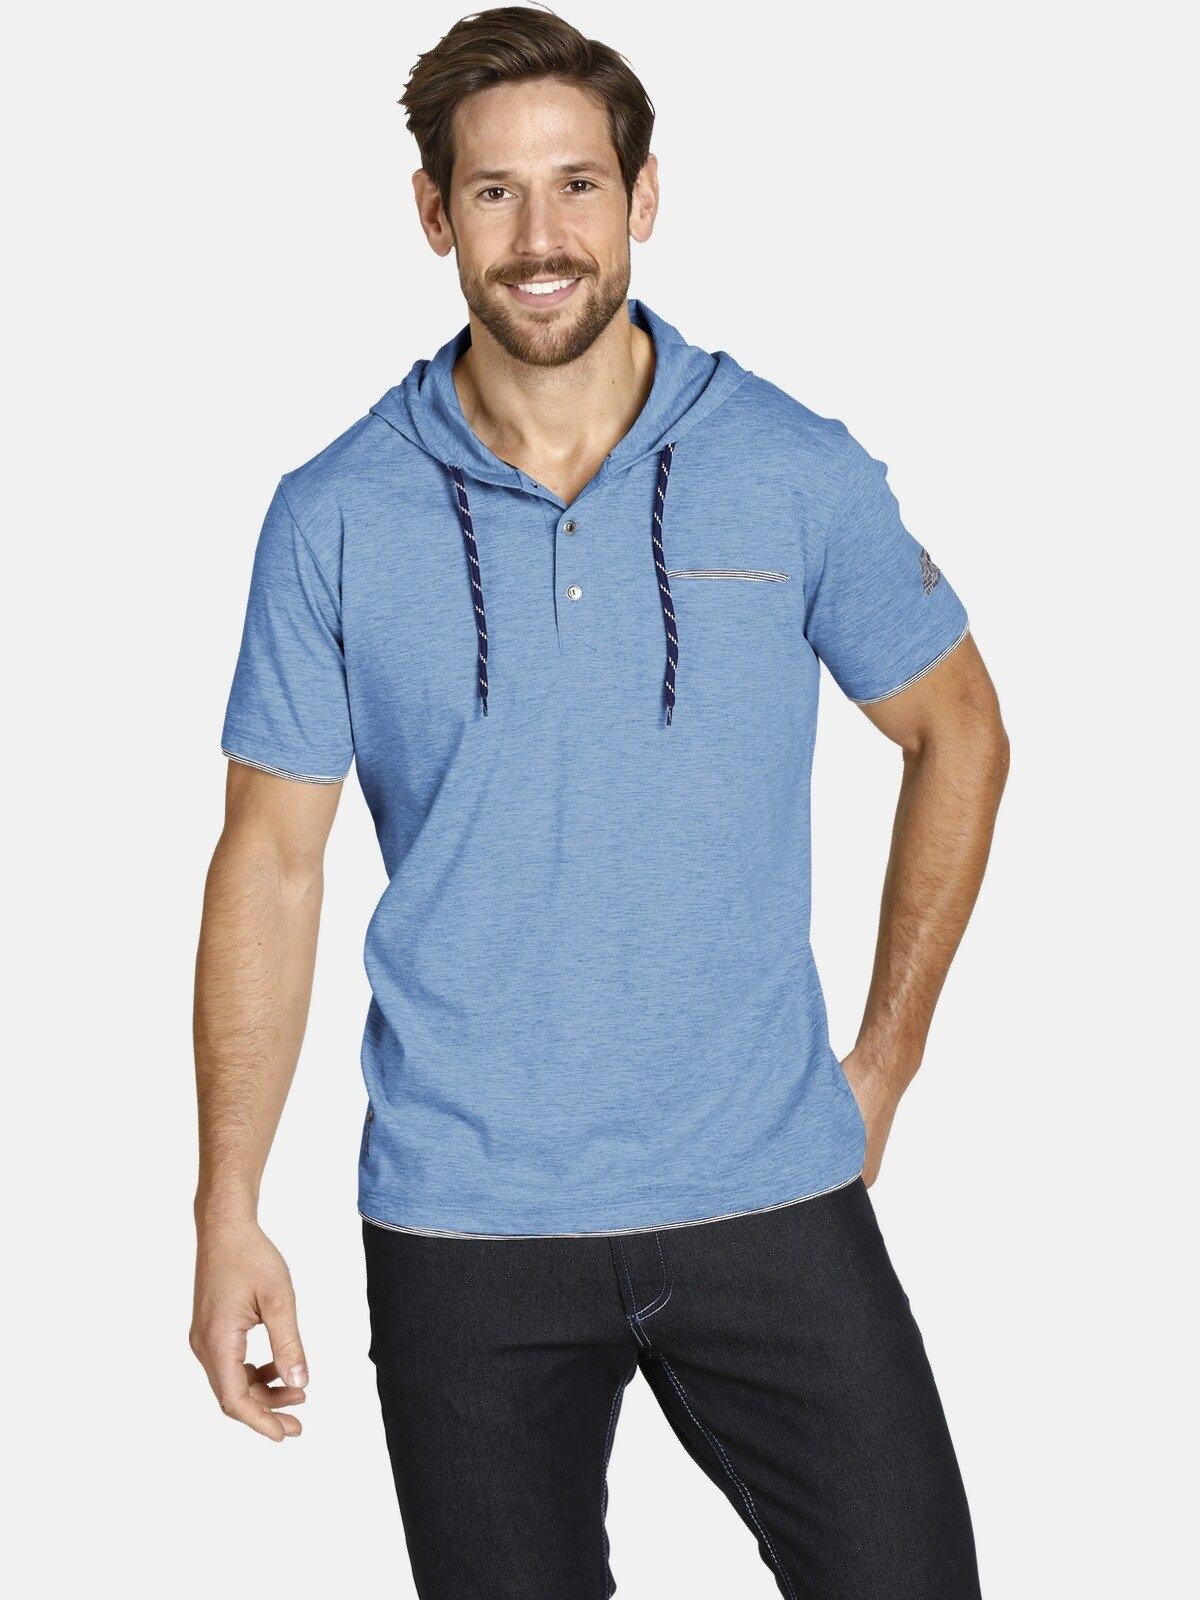 Jan Vanderstorm capuchonshirt OFFE casual hoodie met korte mouwen - verschillende betaalmethodes